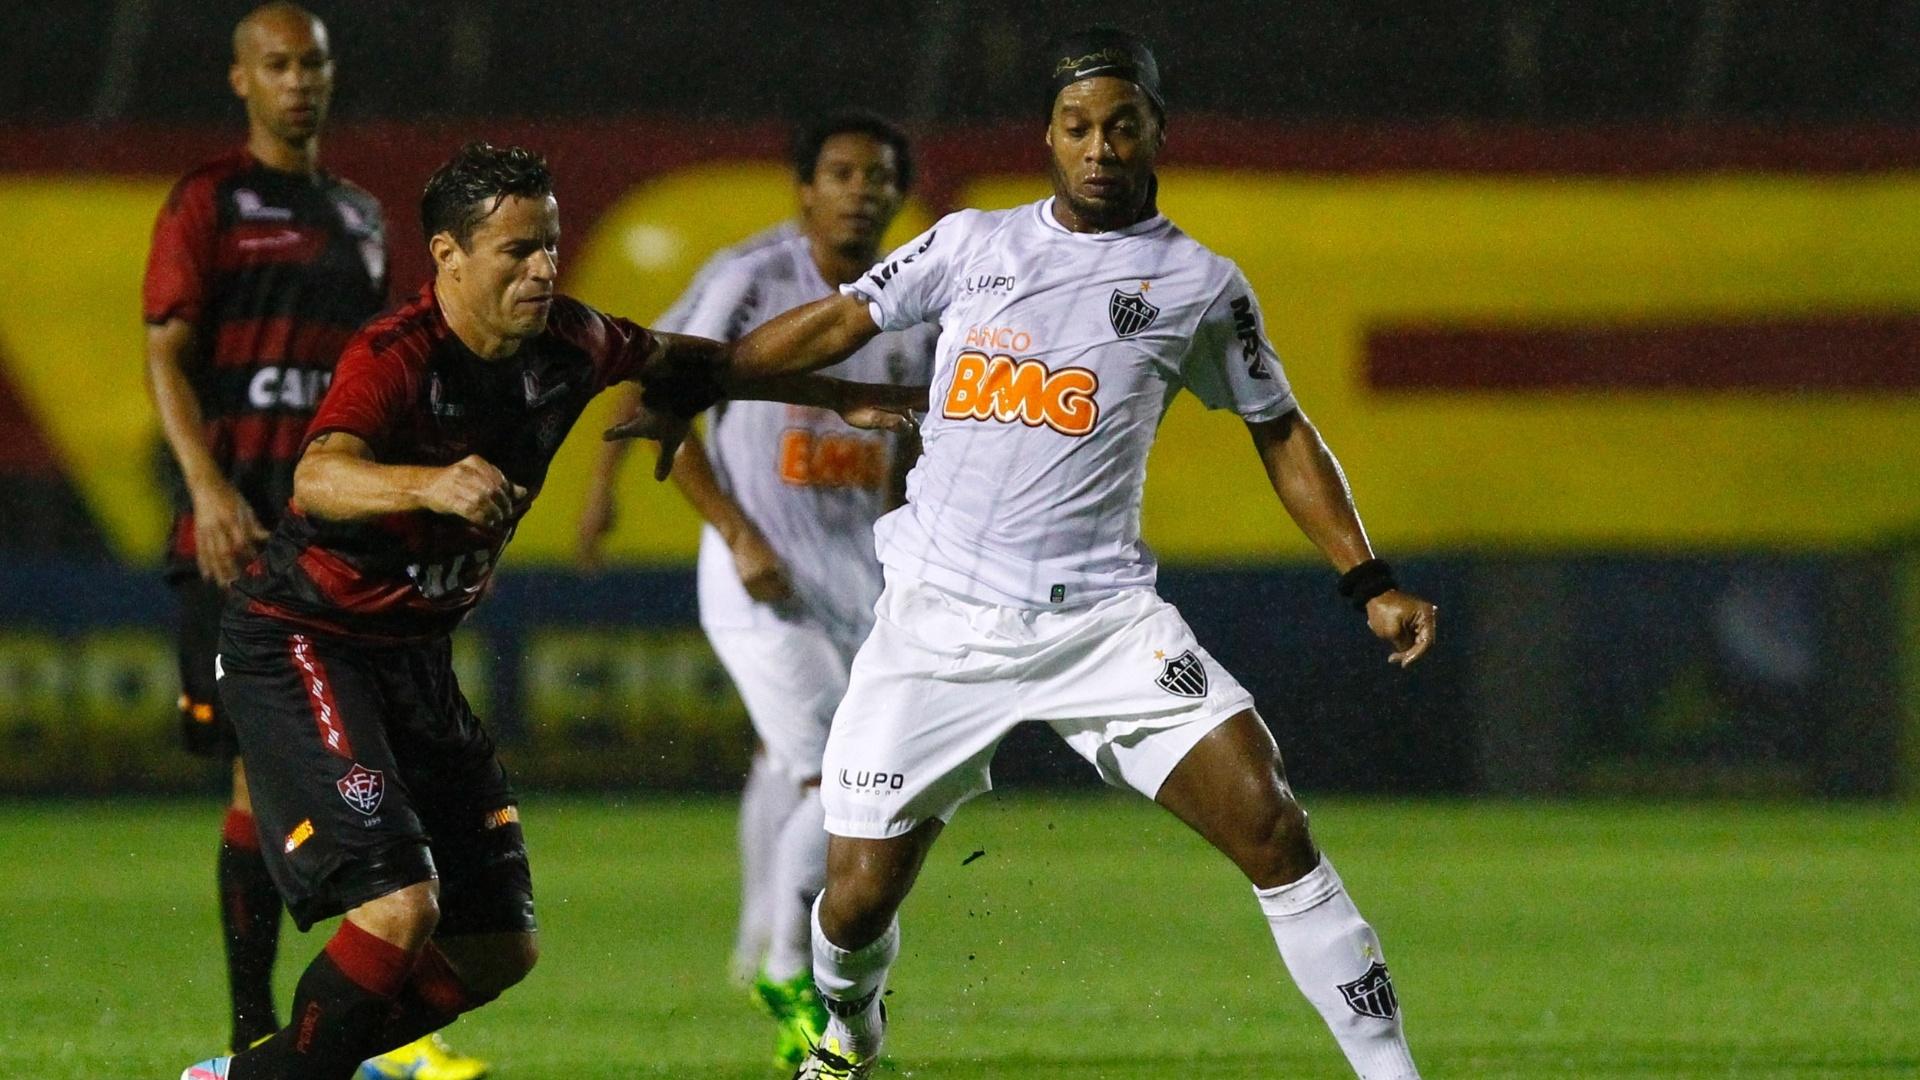 07.set.2013 - Ronaldinho Gaúcho tenta roubar a bola de jogar do Vitória